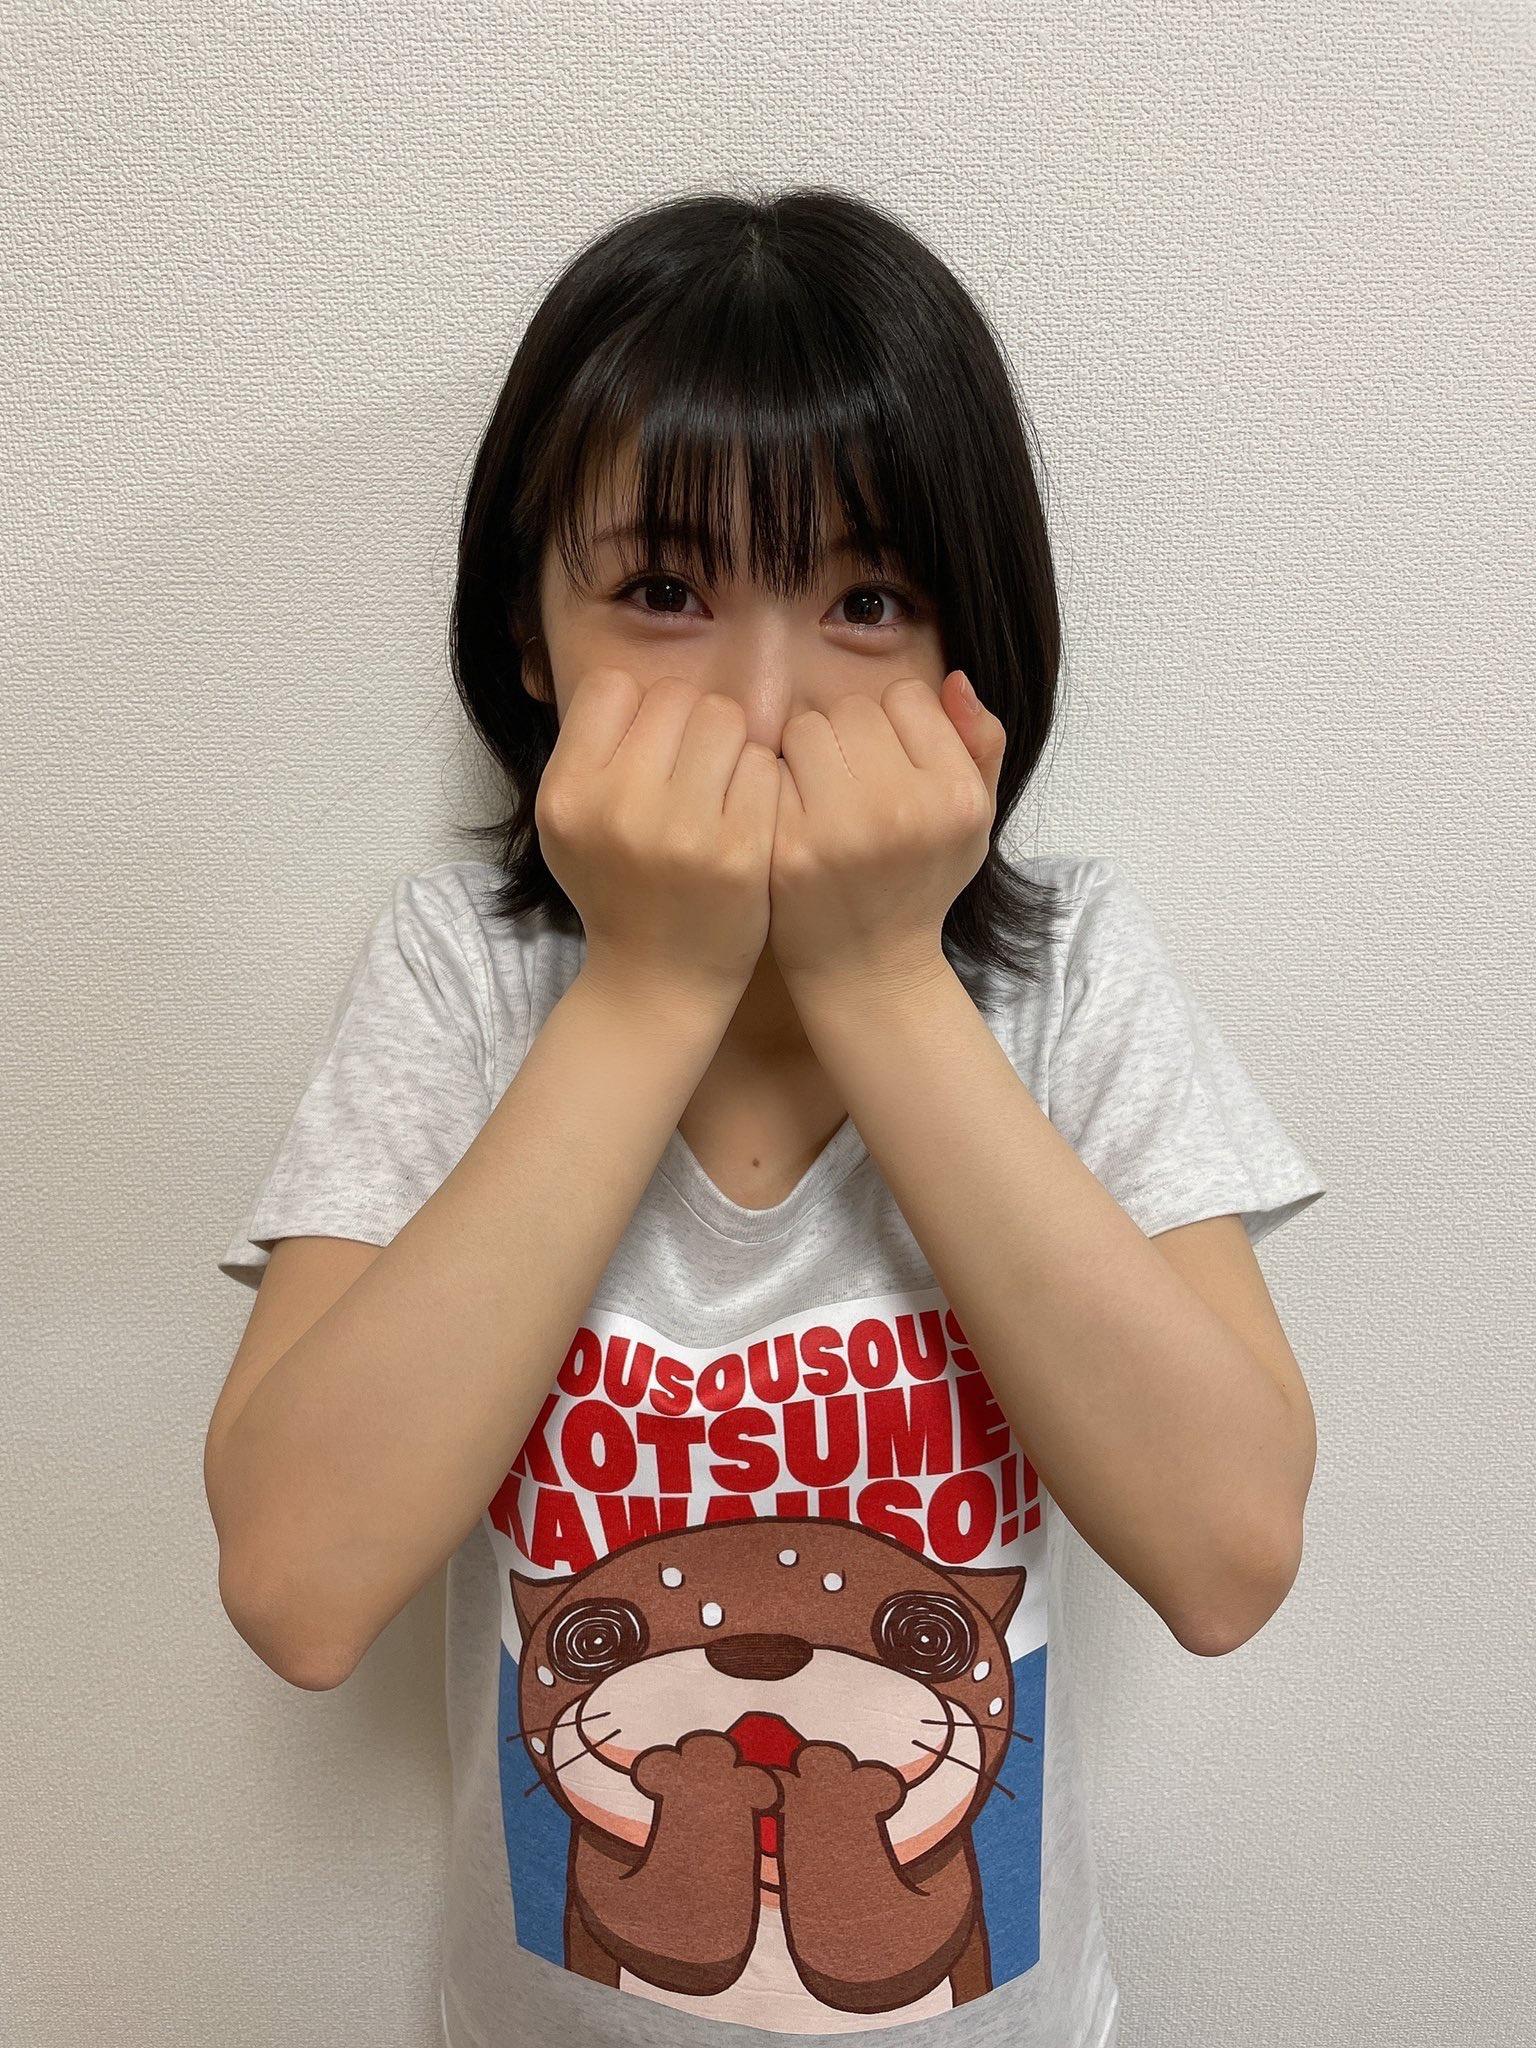 【朗報】浜辺美波さん、dカードのCMのダンスで明らかにおっぱいが揺れている